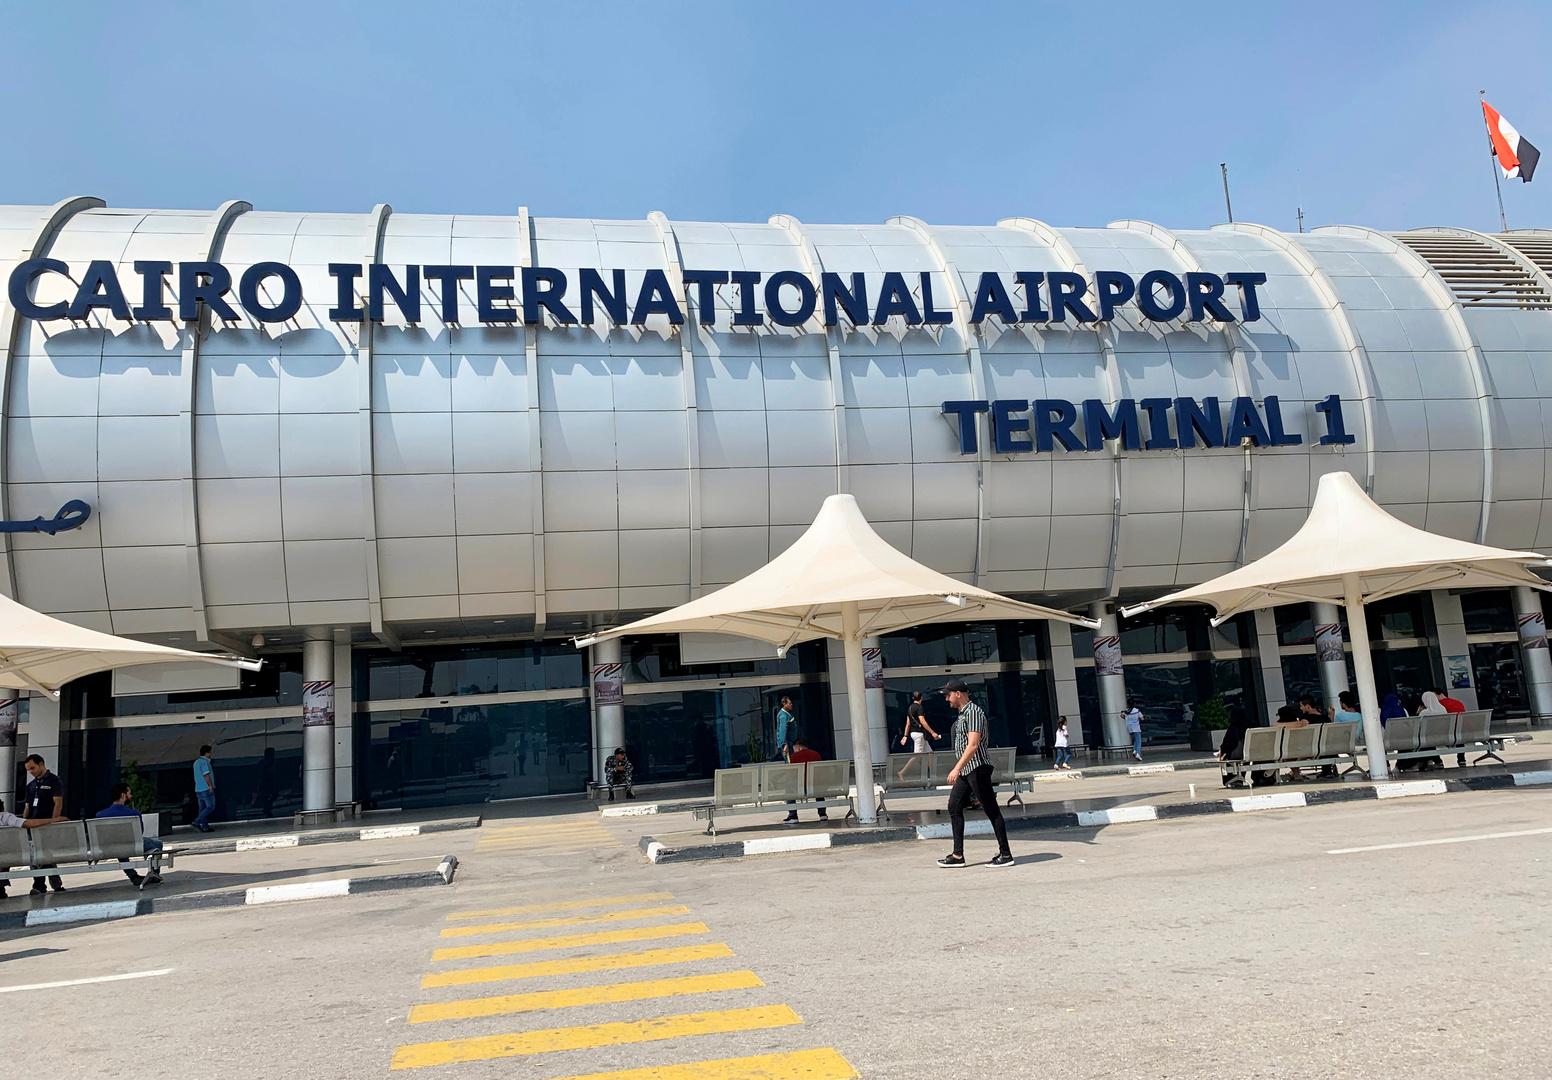 وزارة الطيران المدني المصري تعلن إعادة فتح الأجواء المصرية أمام الطيران القطري بدءا من اليوم